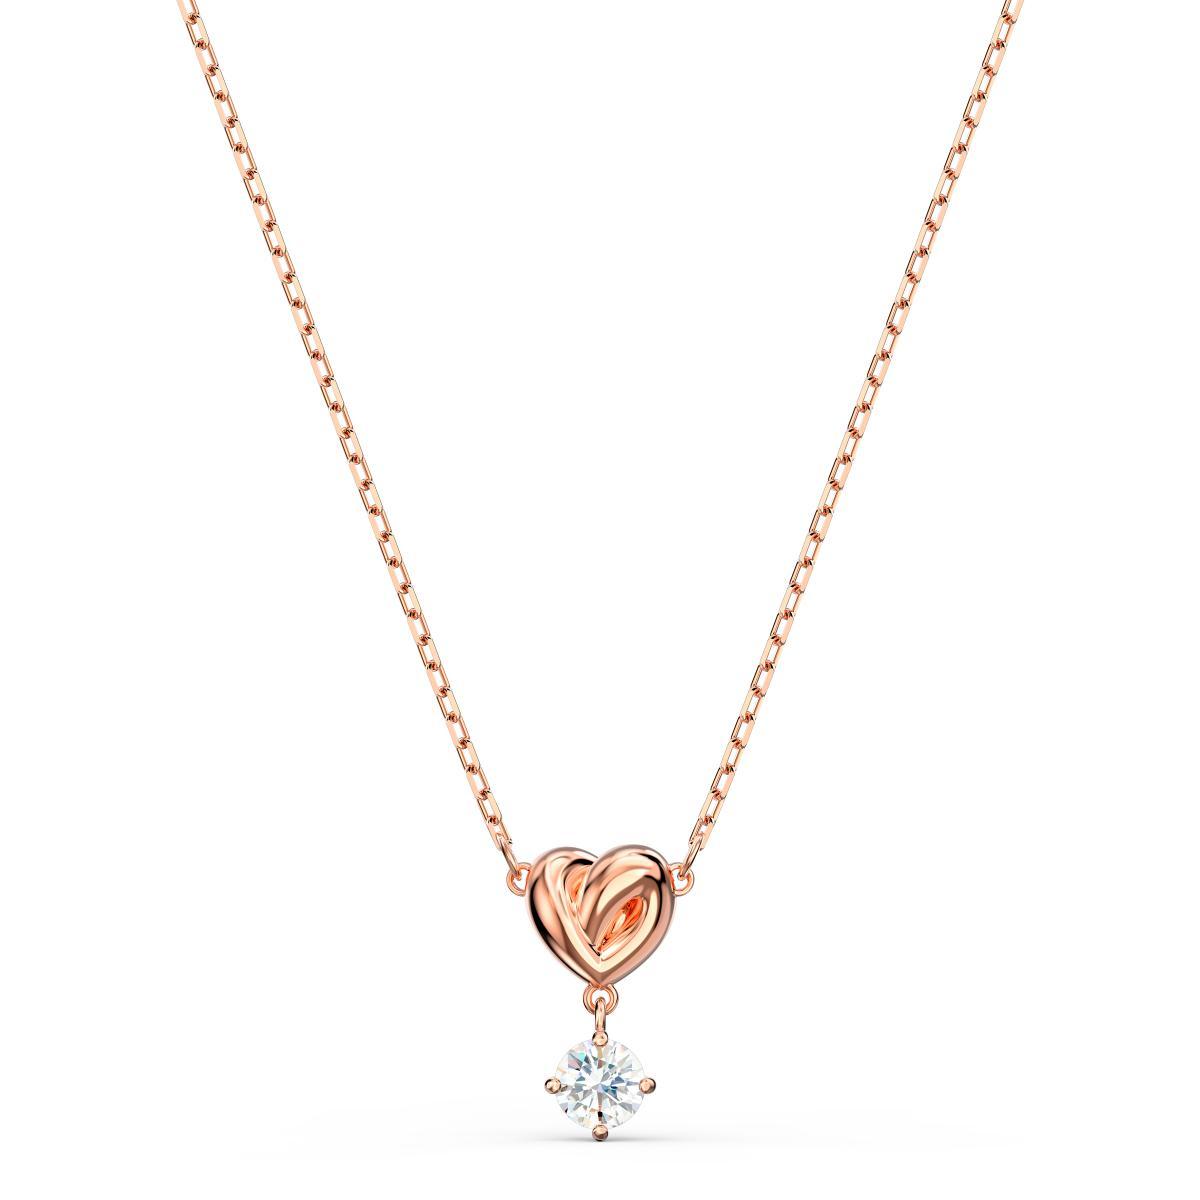 Collier Swarovski 5516542 - Collier Métal or doré Cœur et pierre brillante  Femme